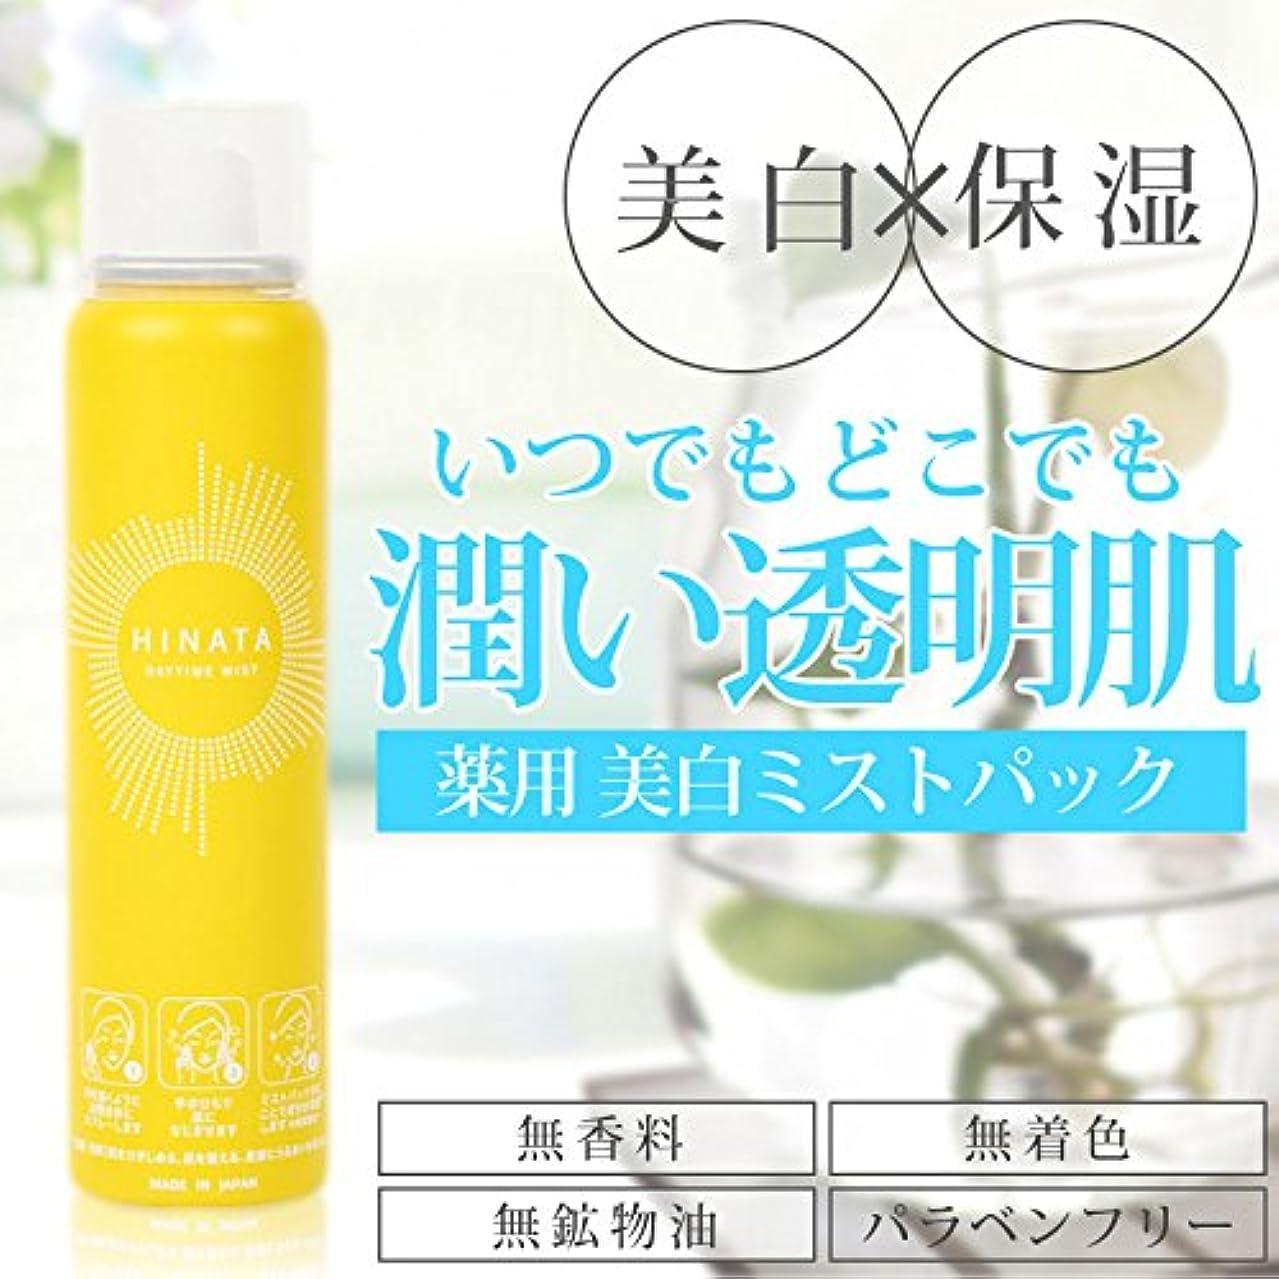 入口召集する素子化粧水 ヒナタ 医薬部外品 ミストパック ミストスプレー 美白